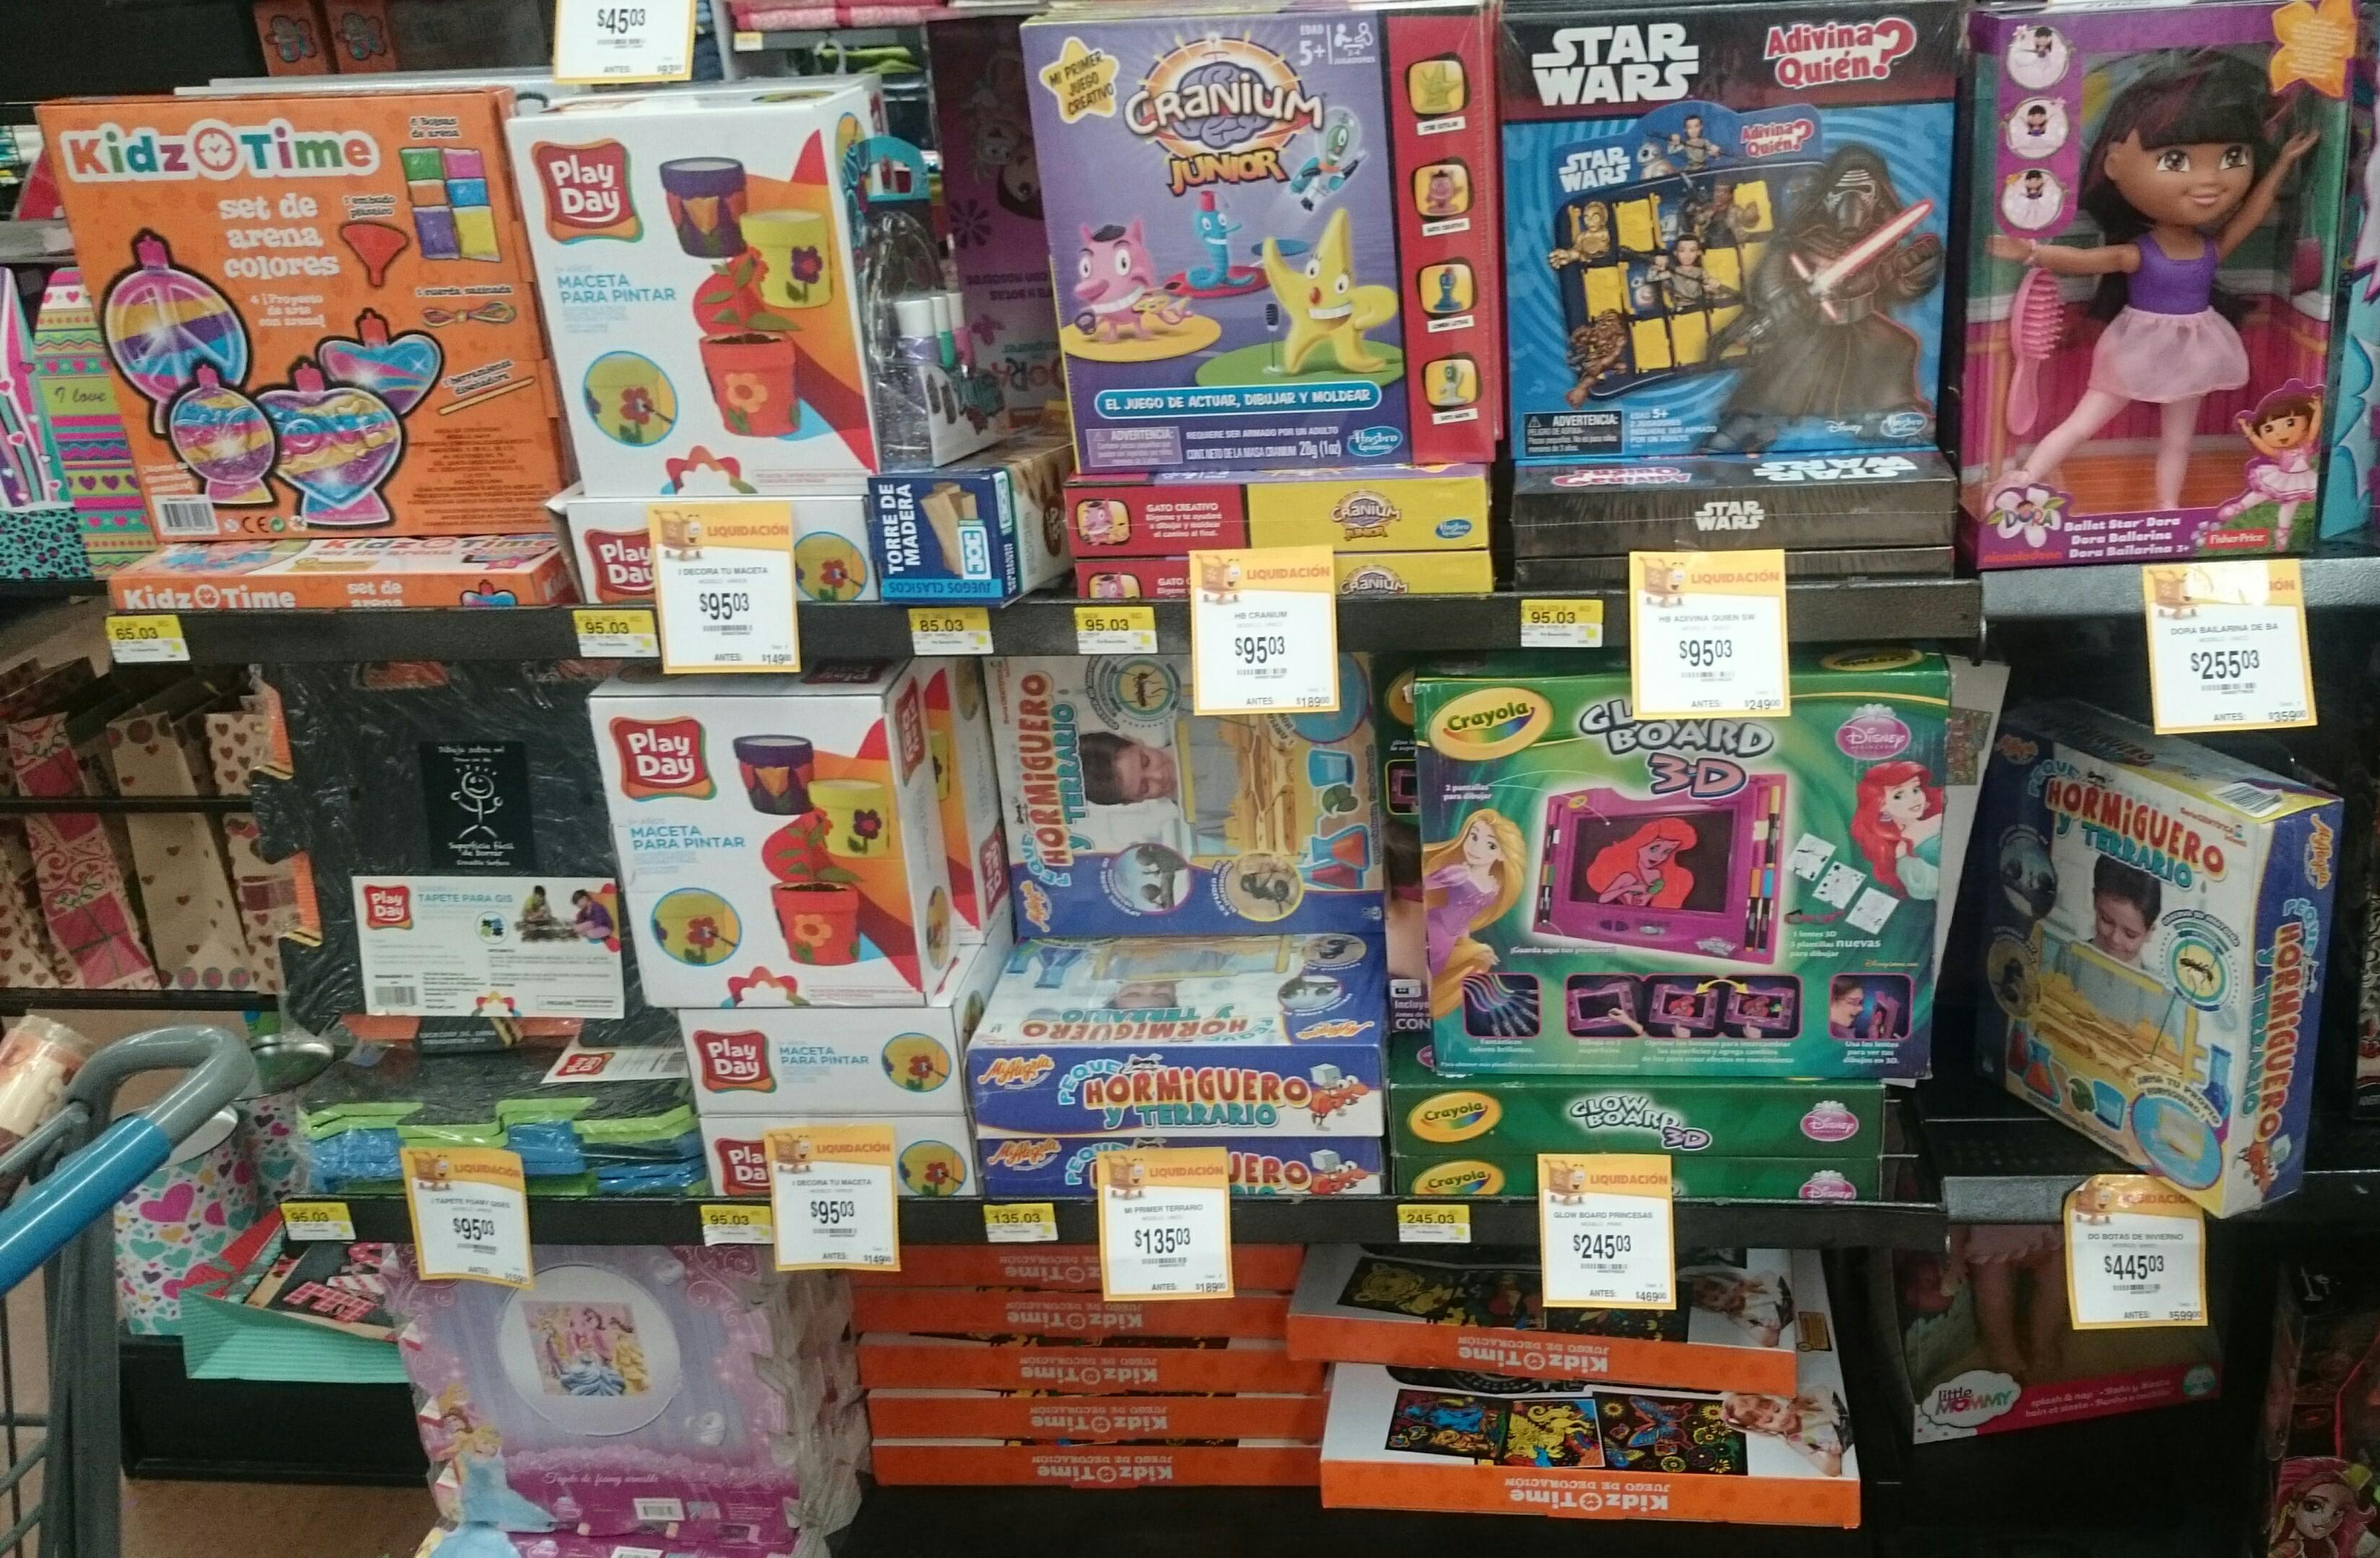 Walmart Tlaxcala: Adivina Quién Star Wars, Cranium Junior y otros descuentos desde $85.03